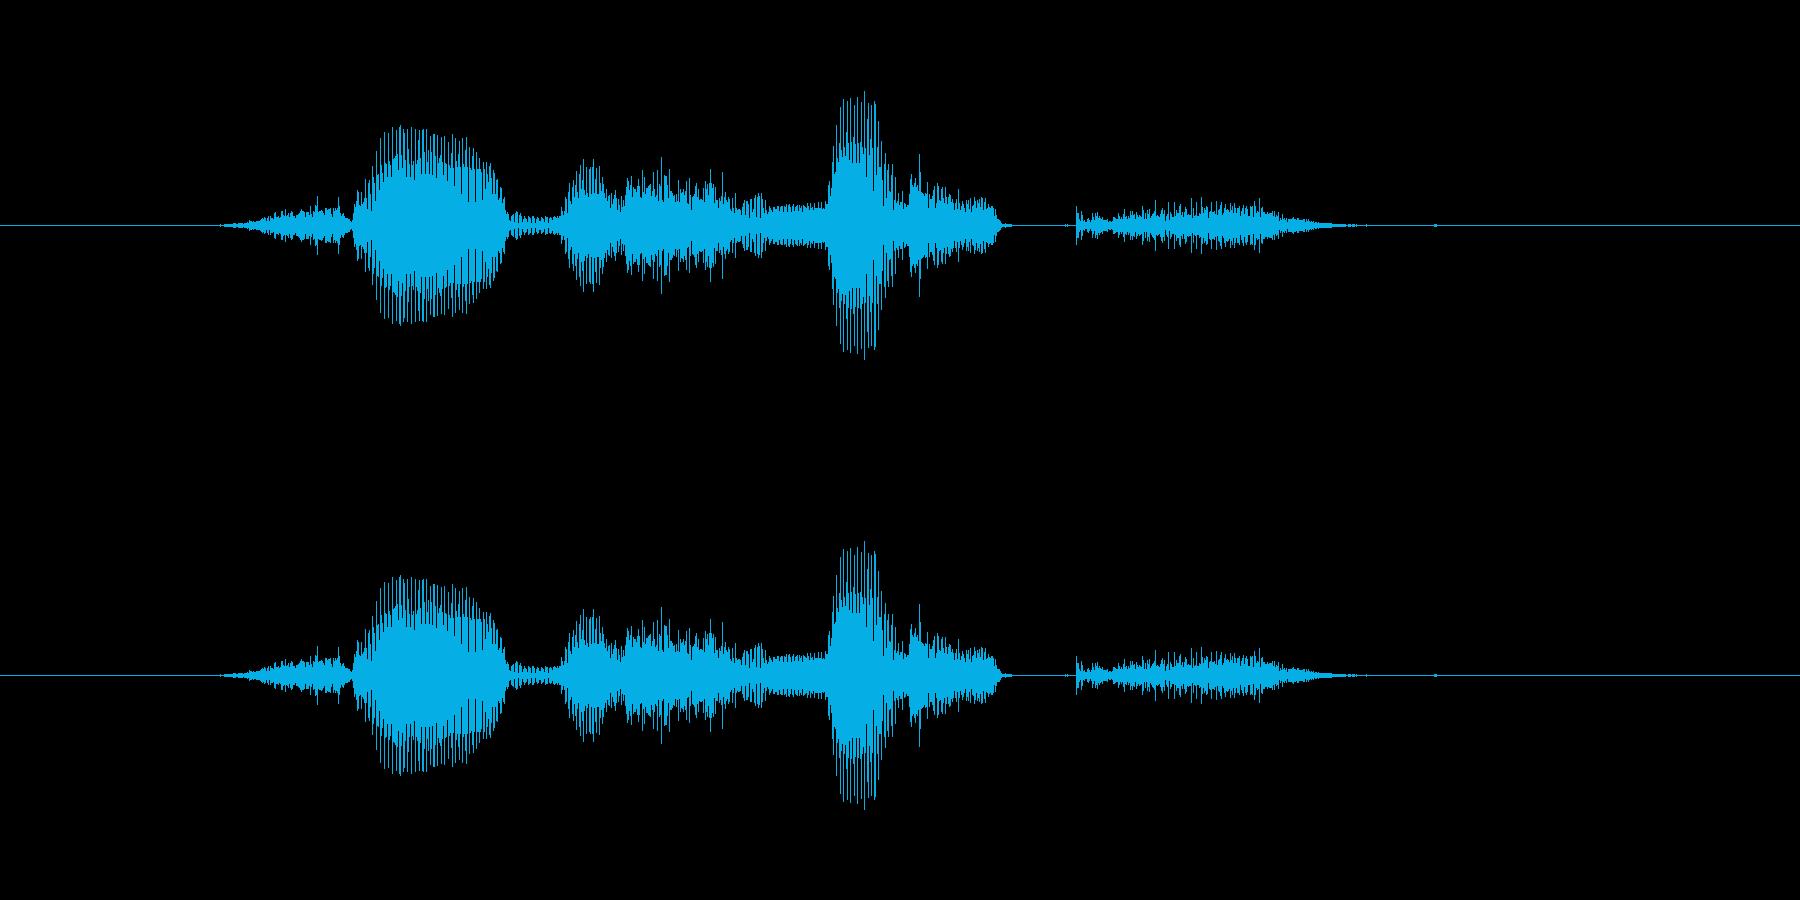 【システム】セーブしますか? - 2の再生済みの波形